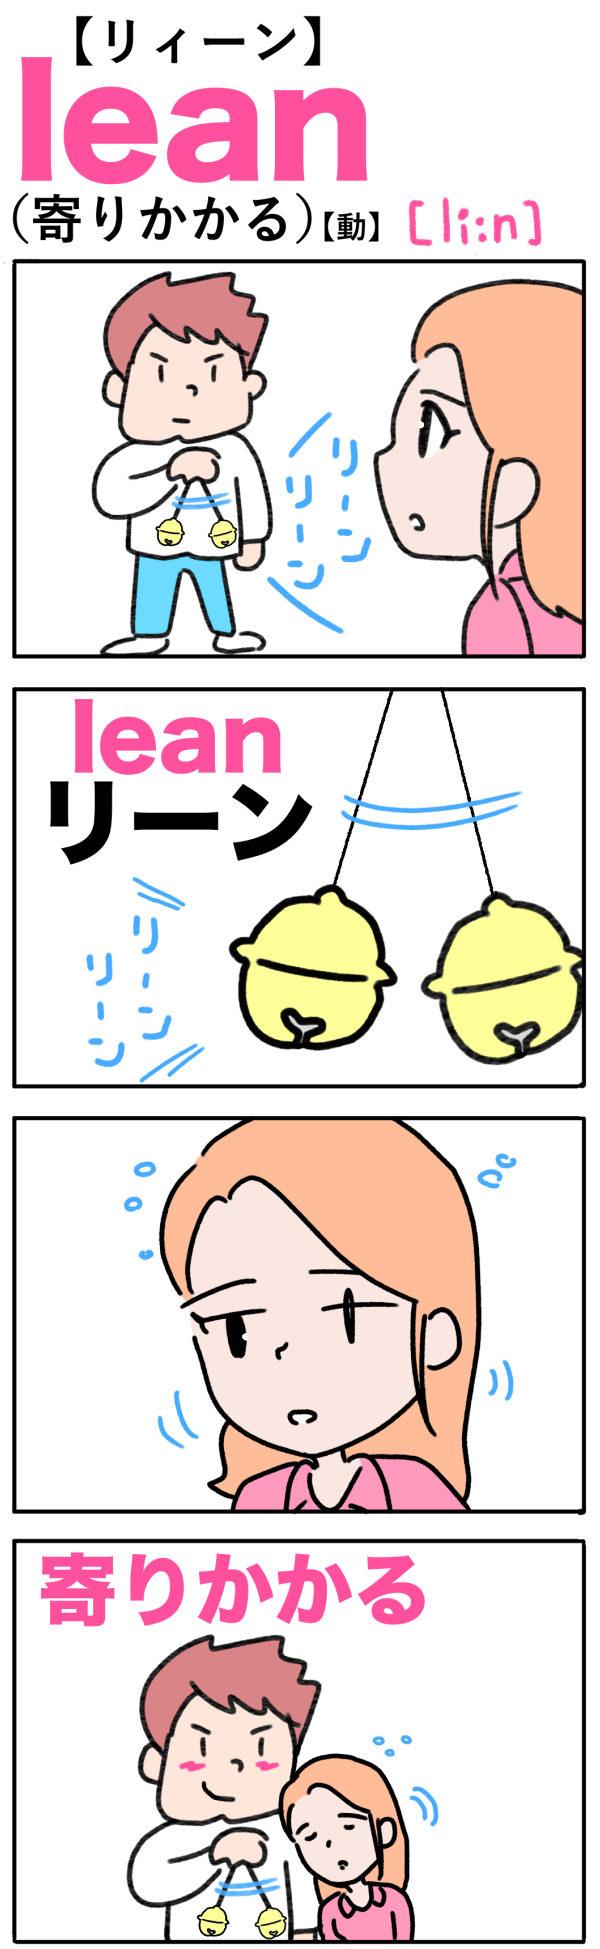 lean(寄りかかる)の語呂合わせ英単語